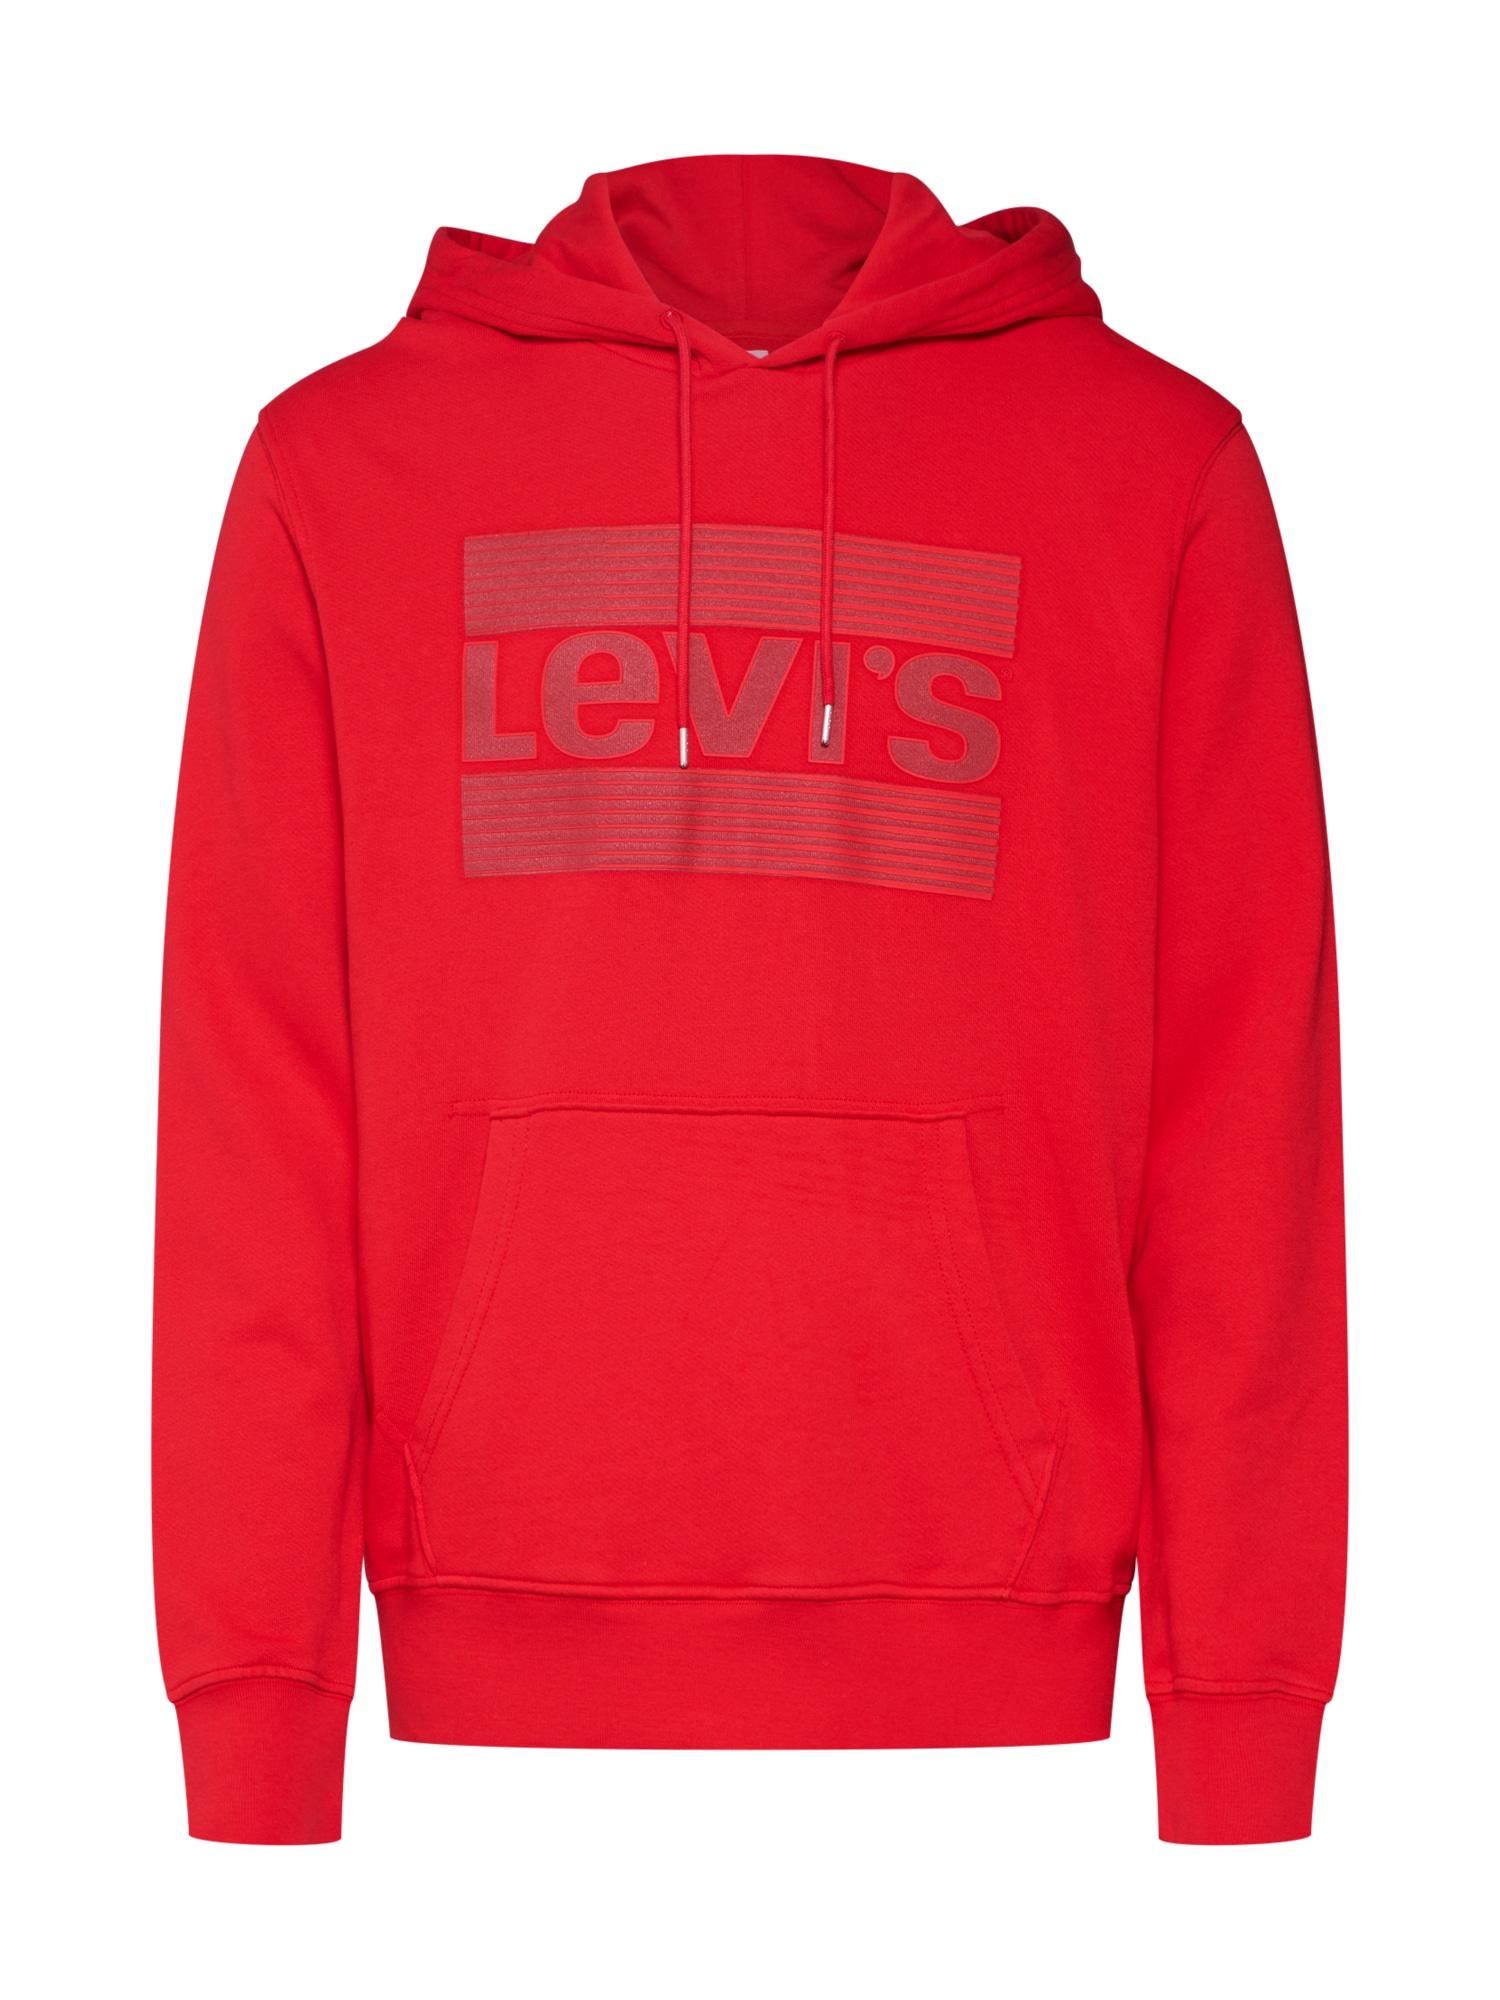 LEVIS Mikina červená LEVI'S